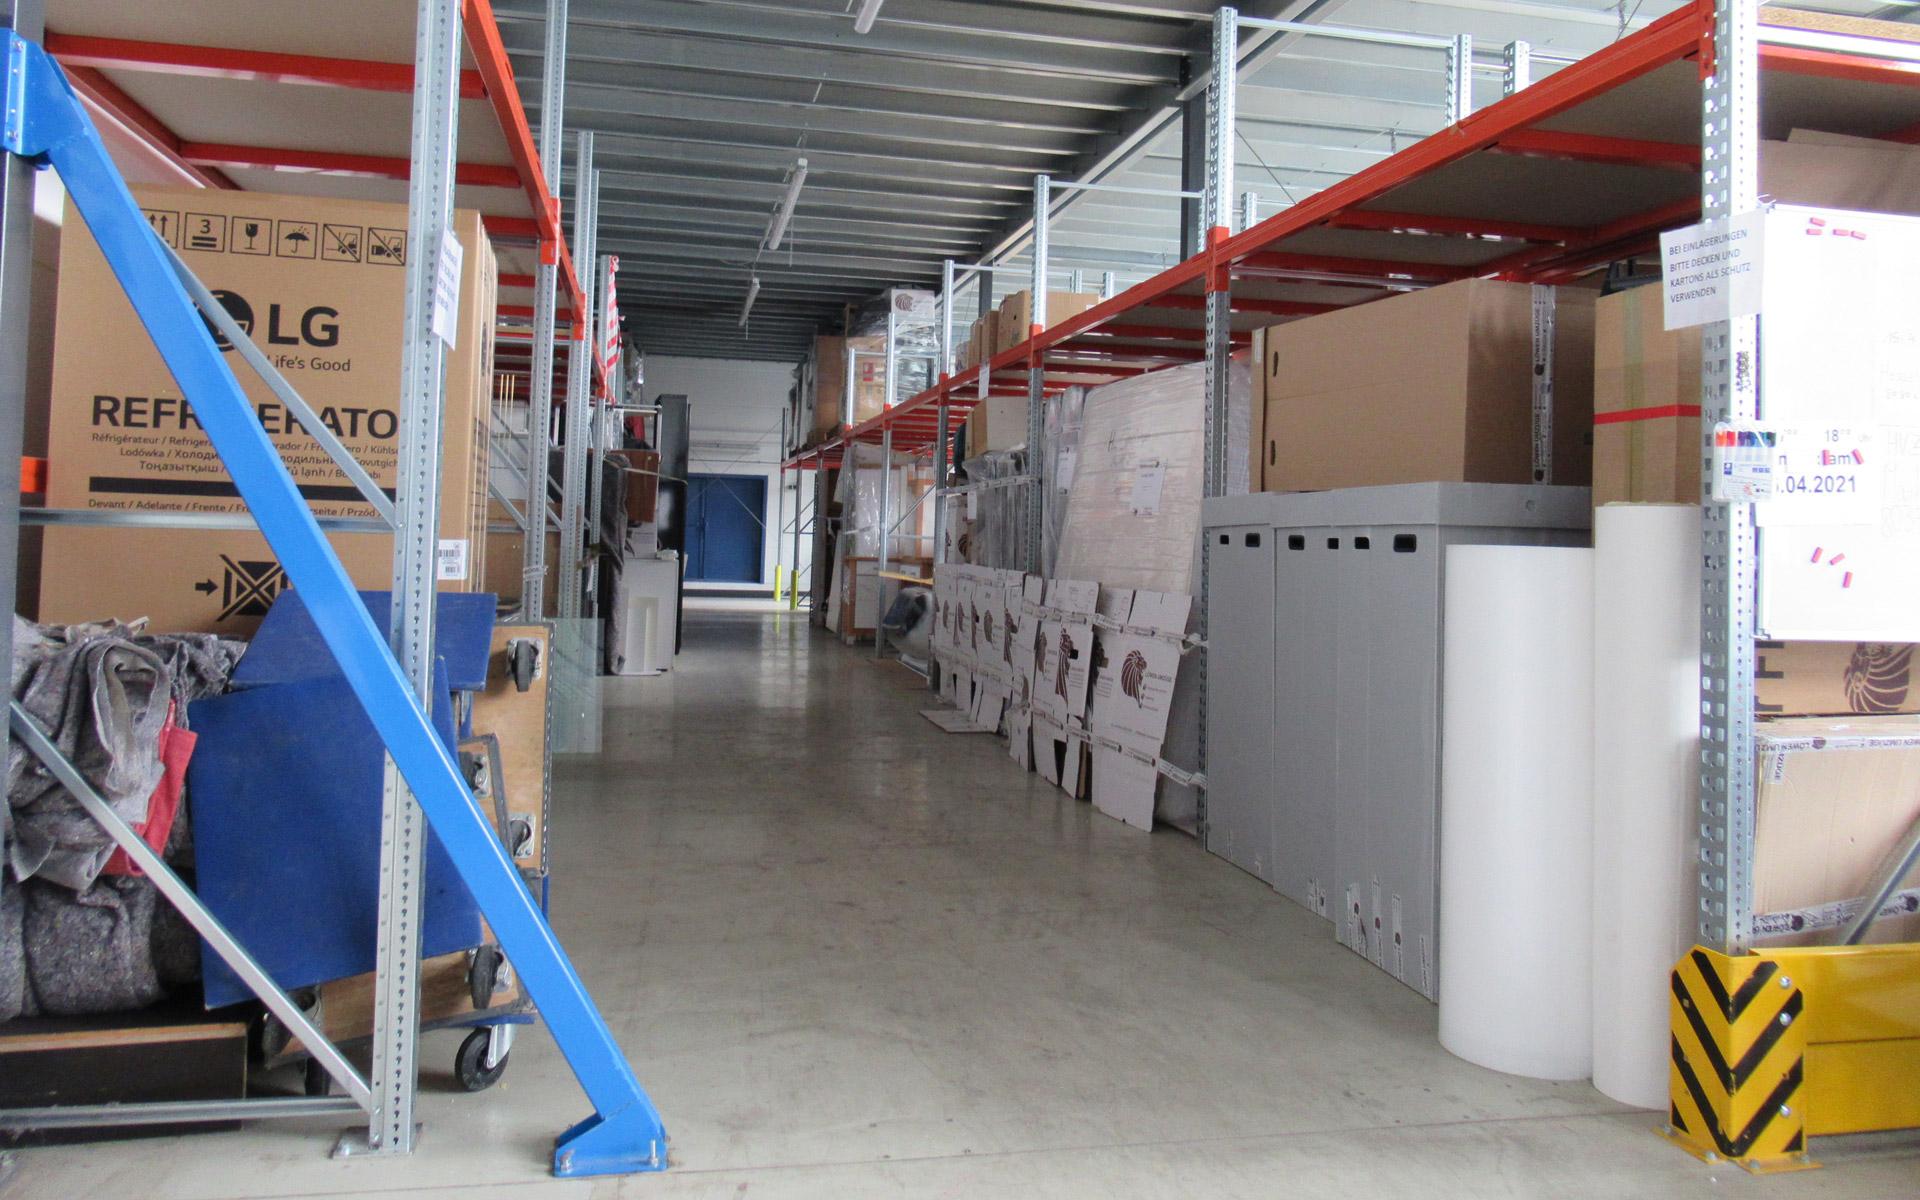 Unsere Hallen zur Lagerung in München sind klimatisch neutral gehalten, sicher und günstig gelegen.